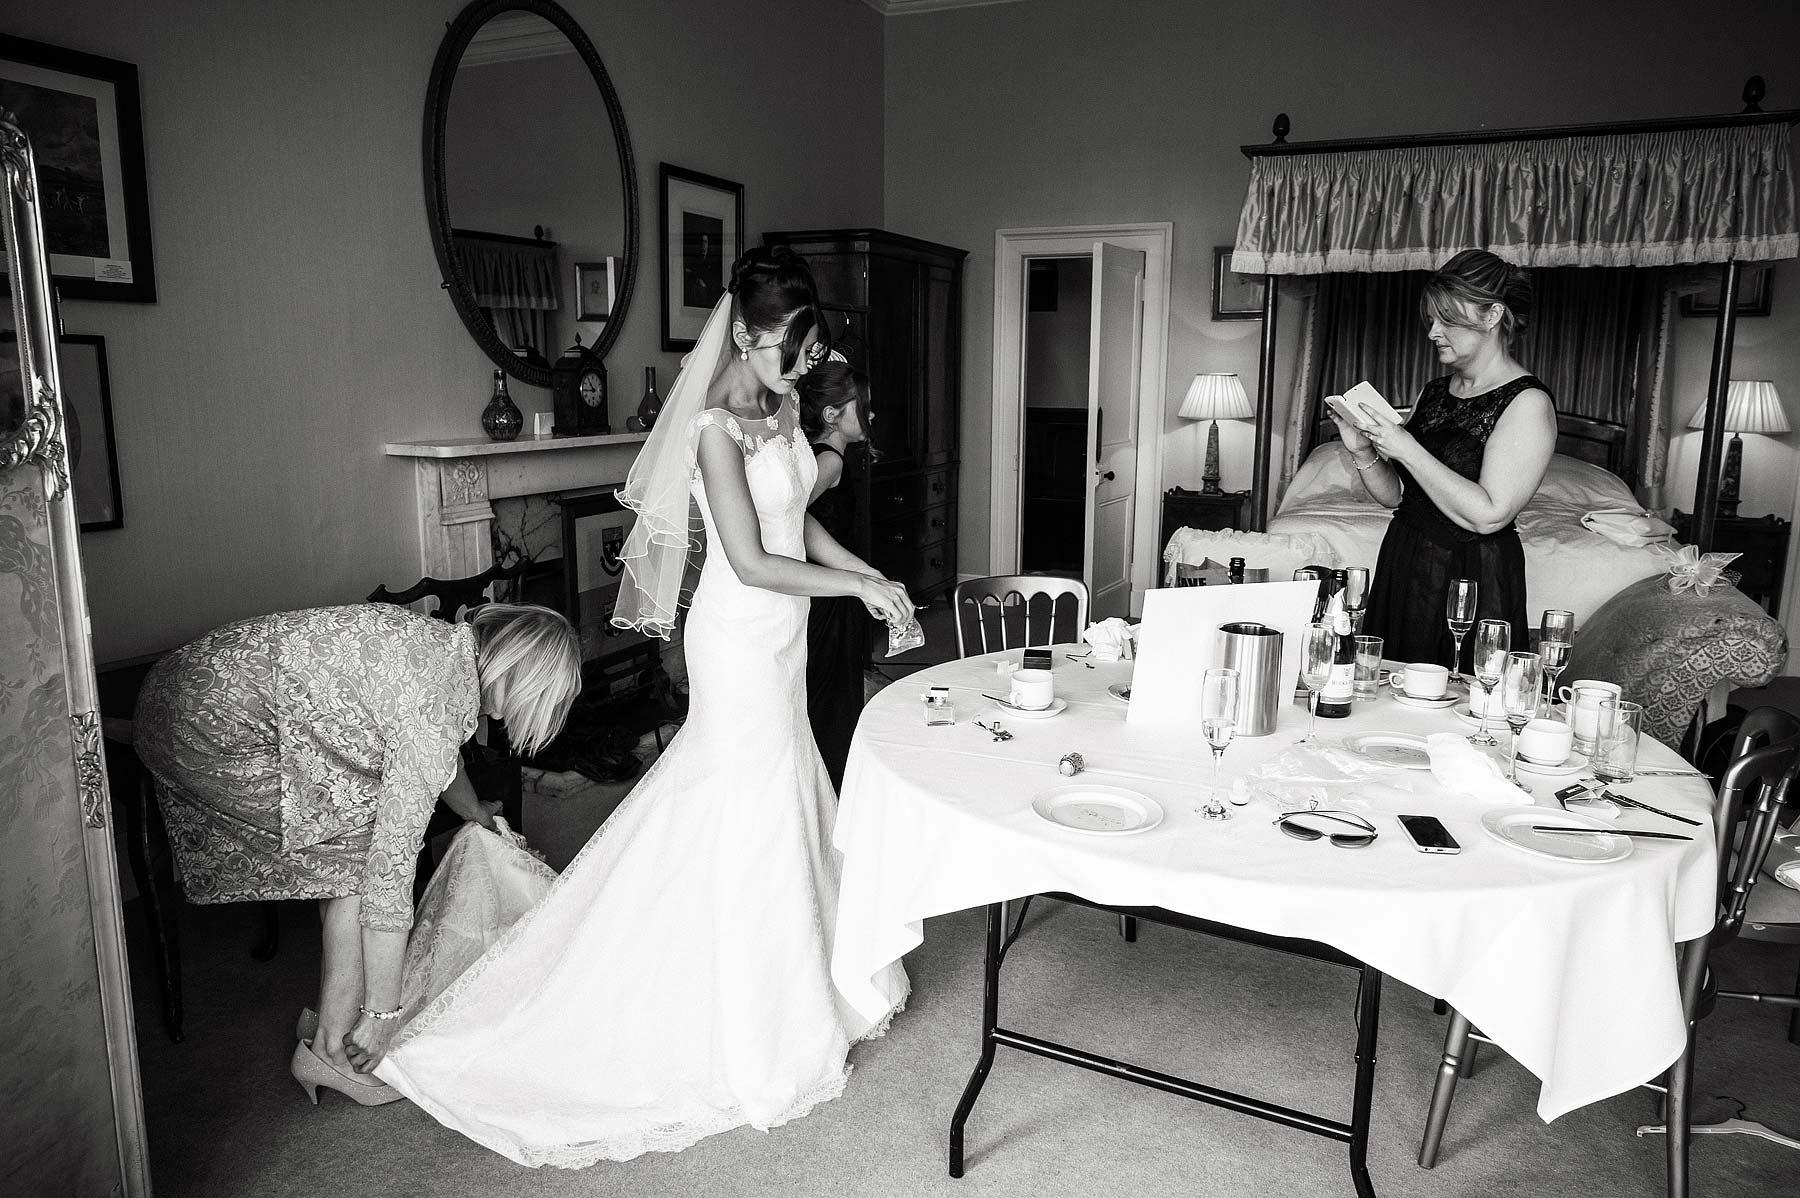 sandon-hall-wedding-photographer-032